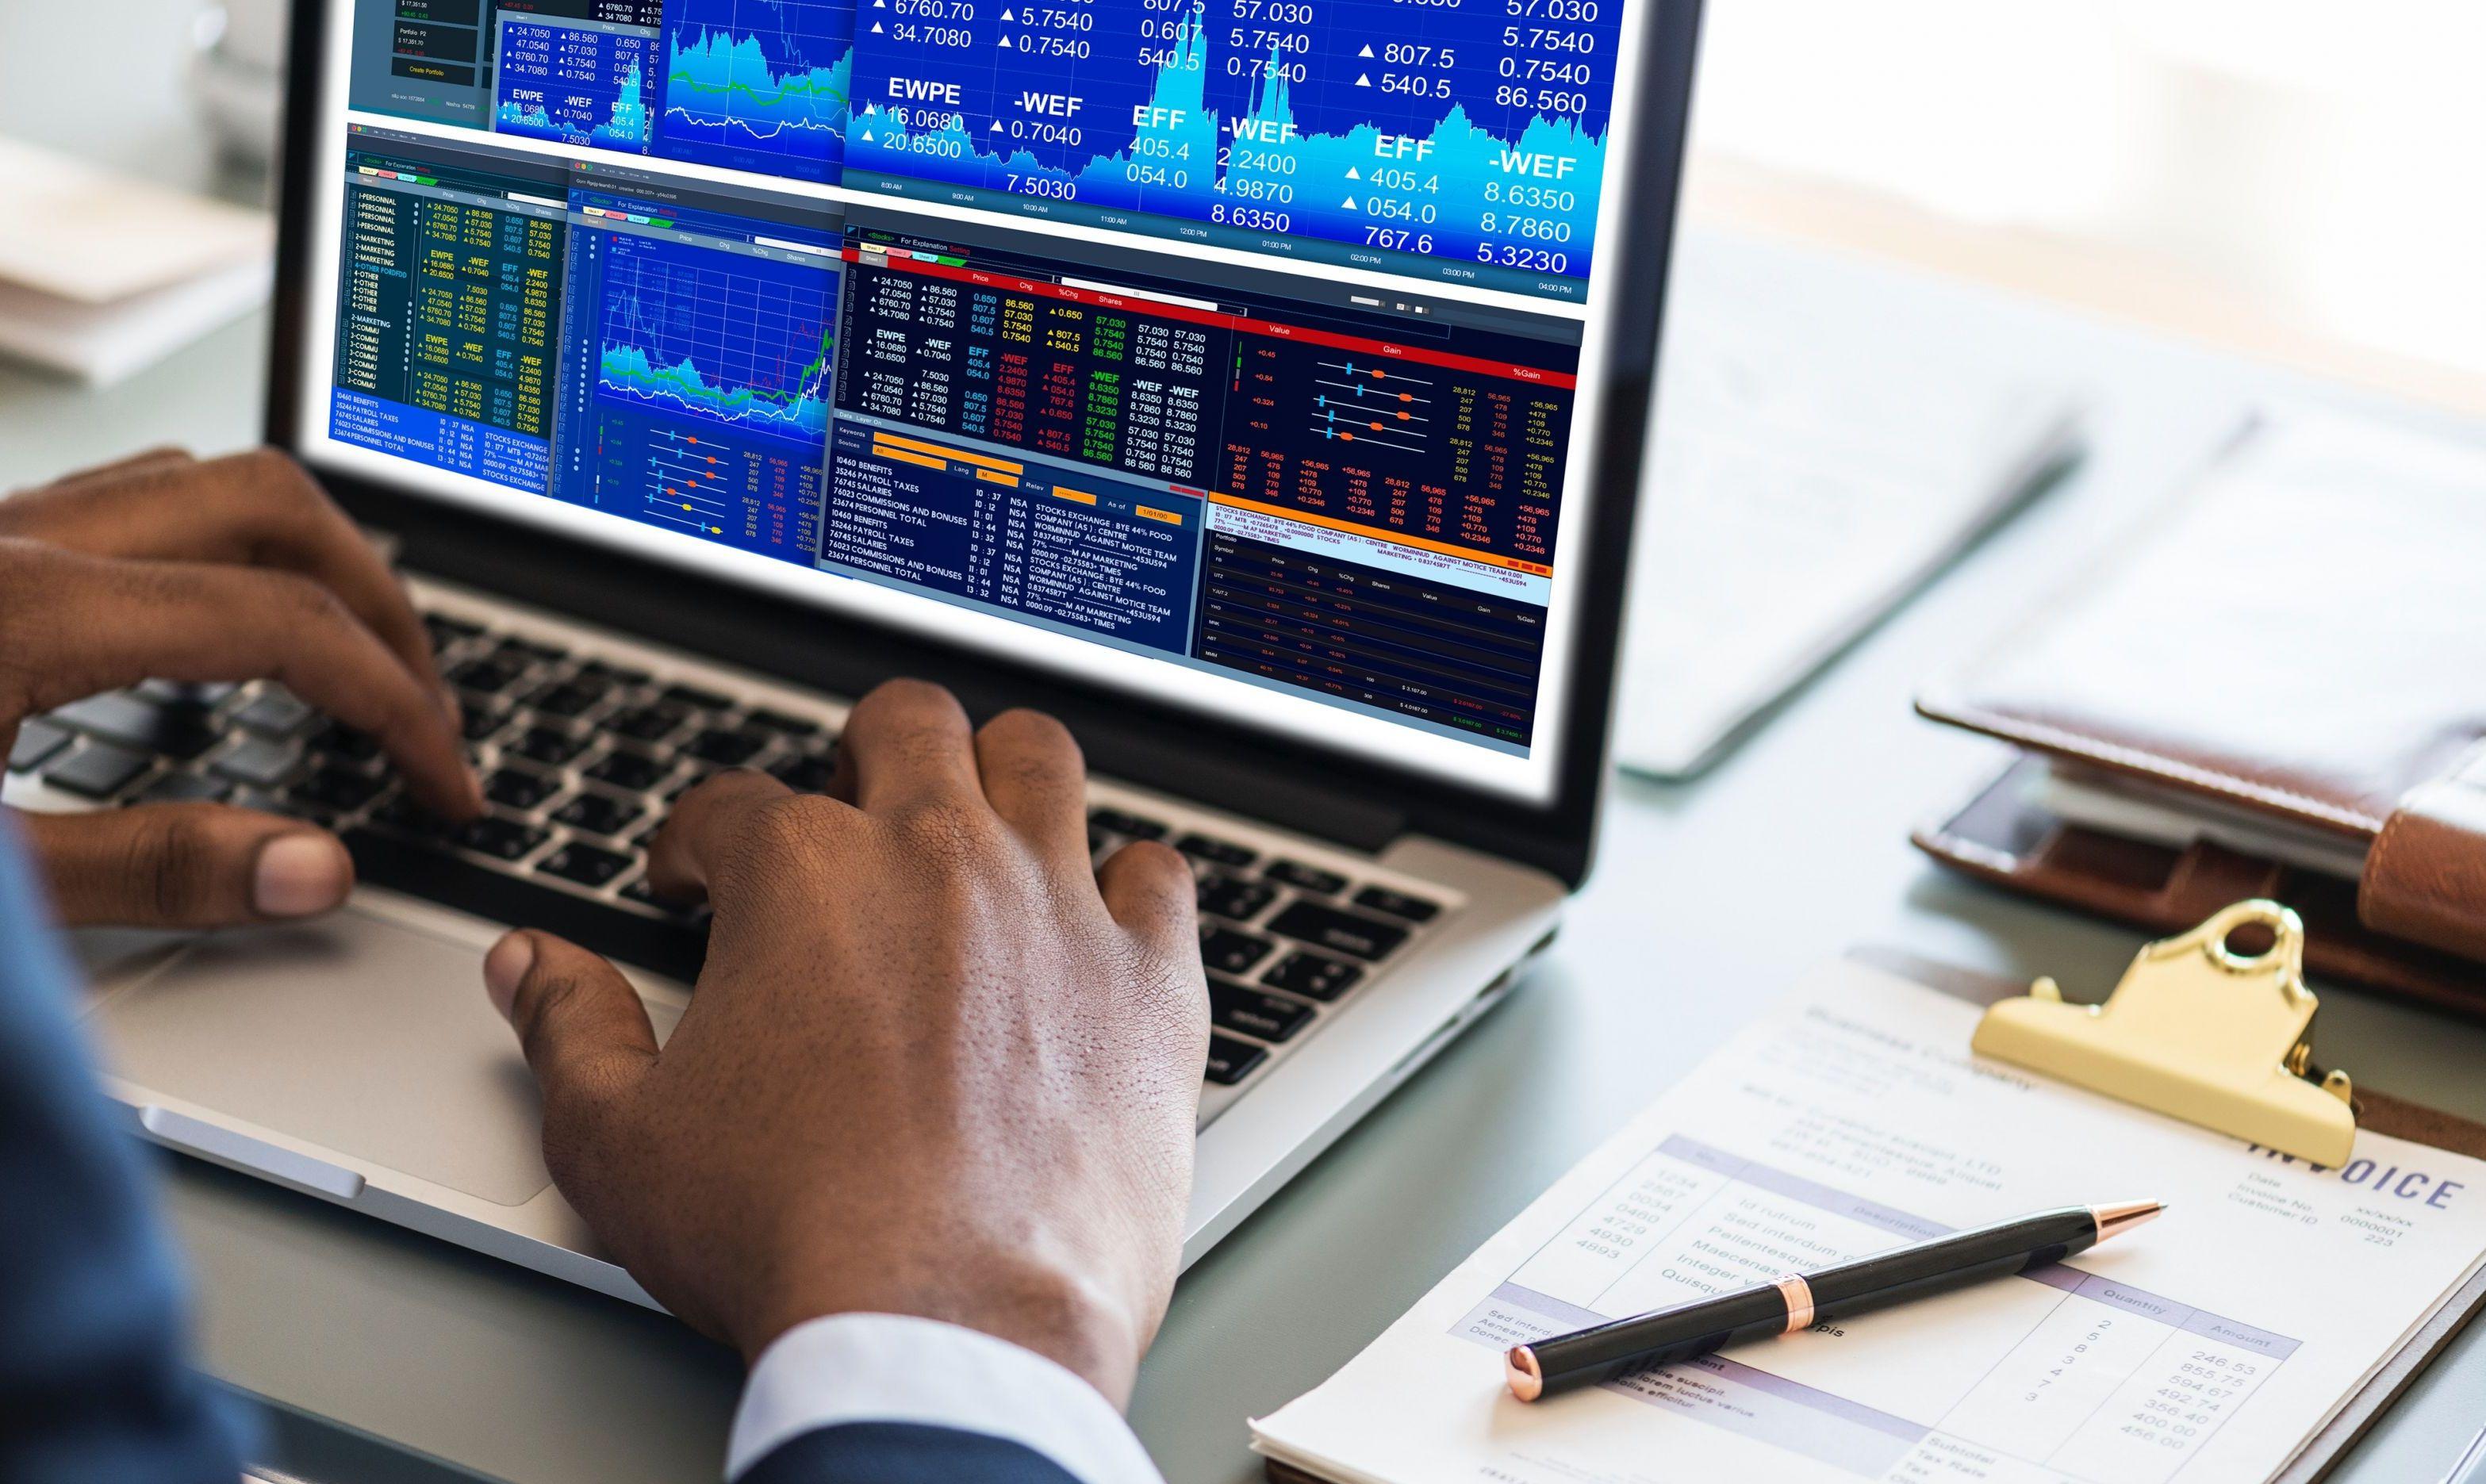 MBA In Economics Online Degree Program